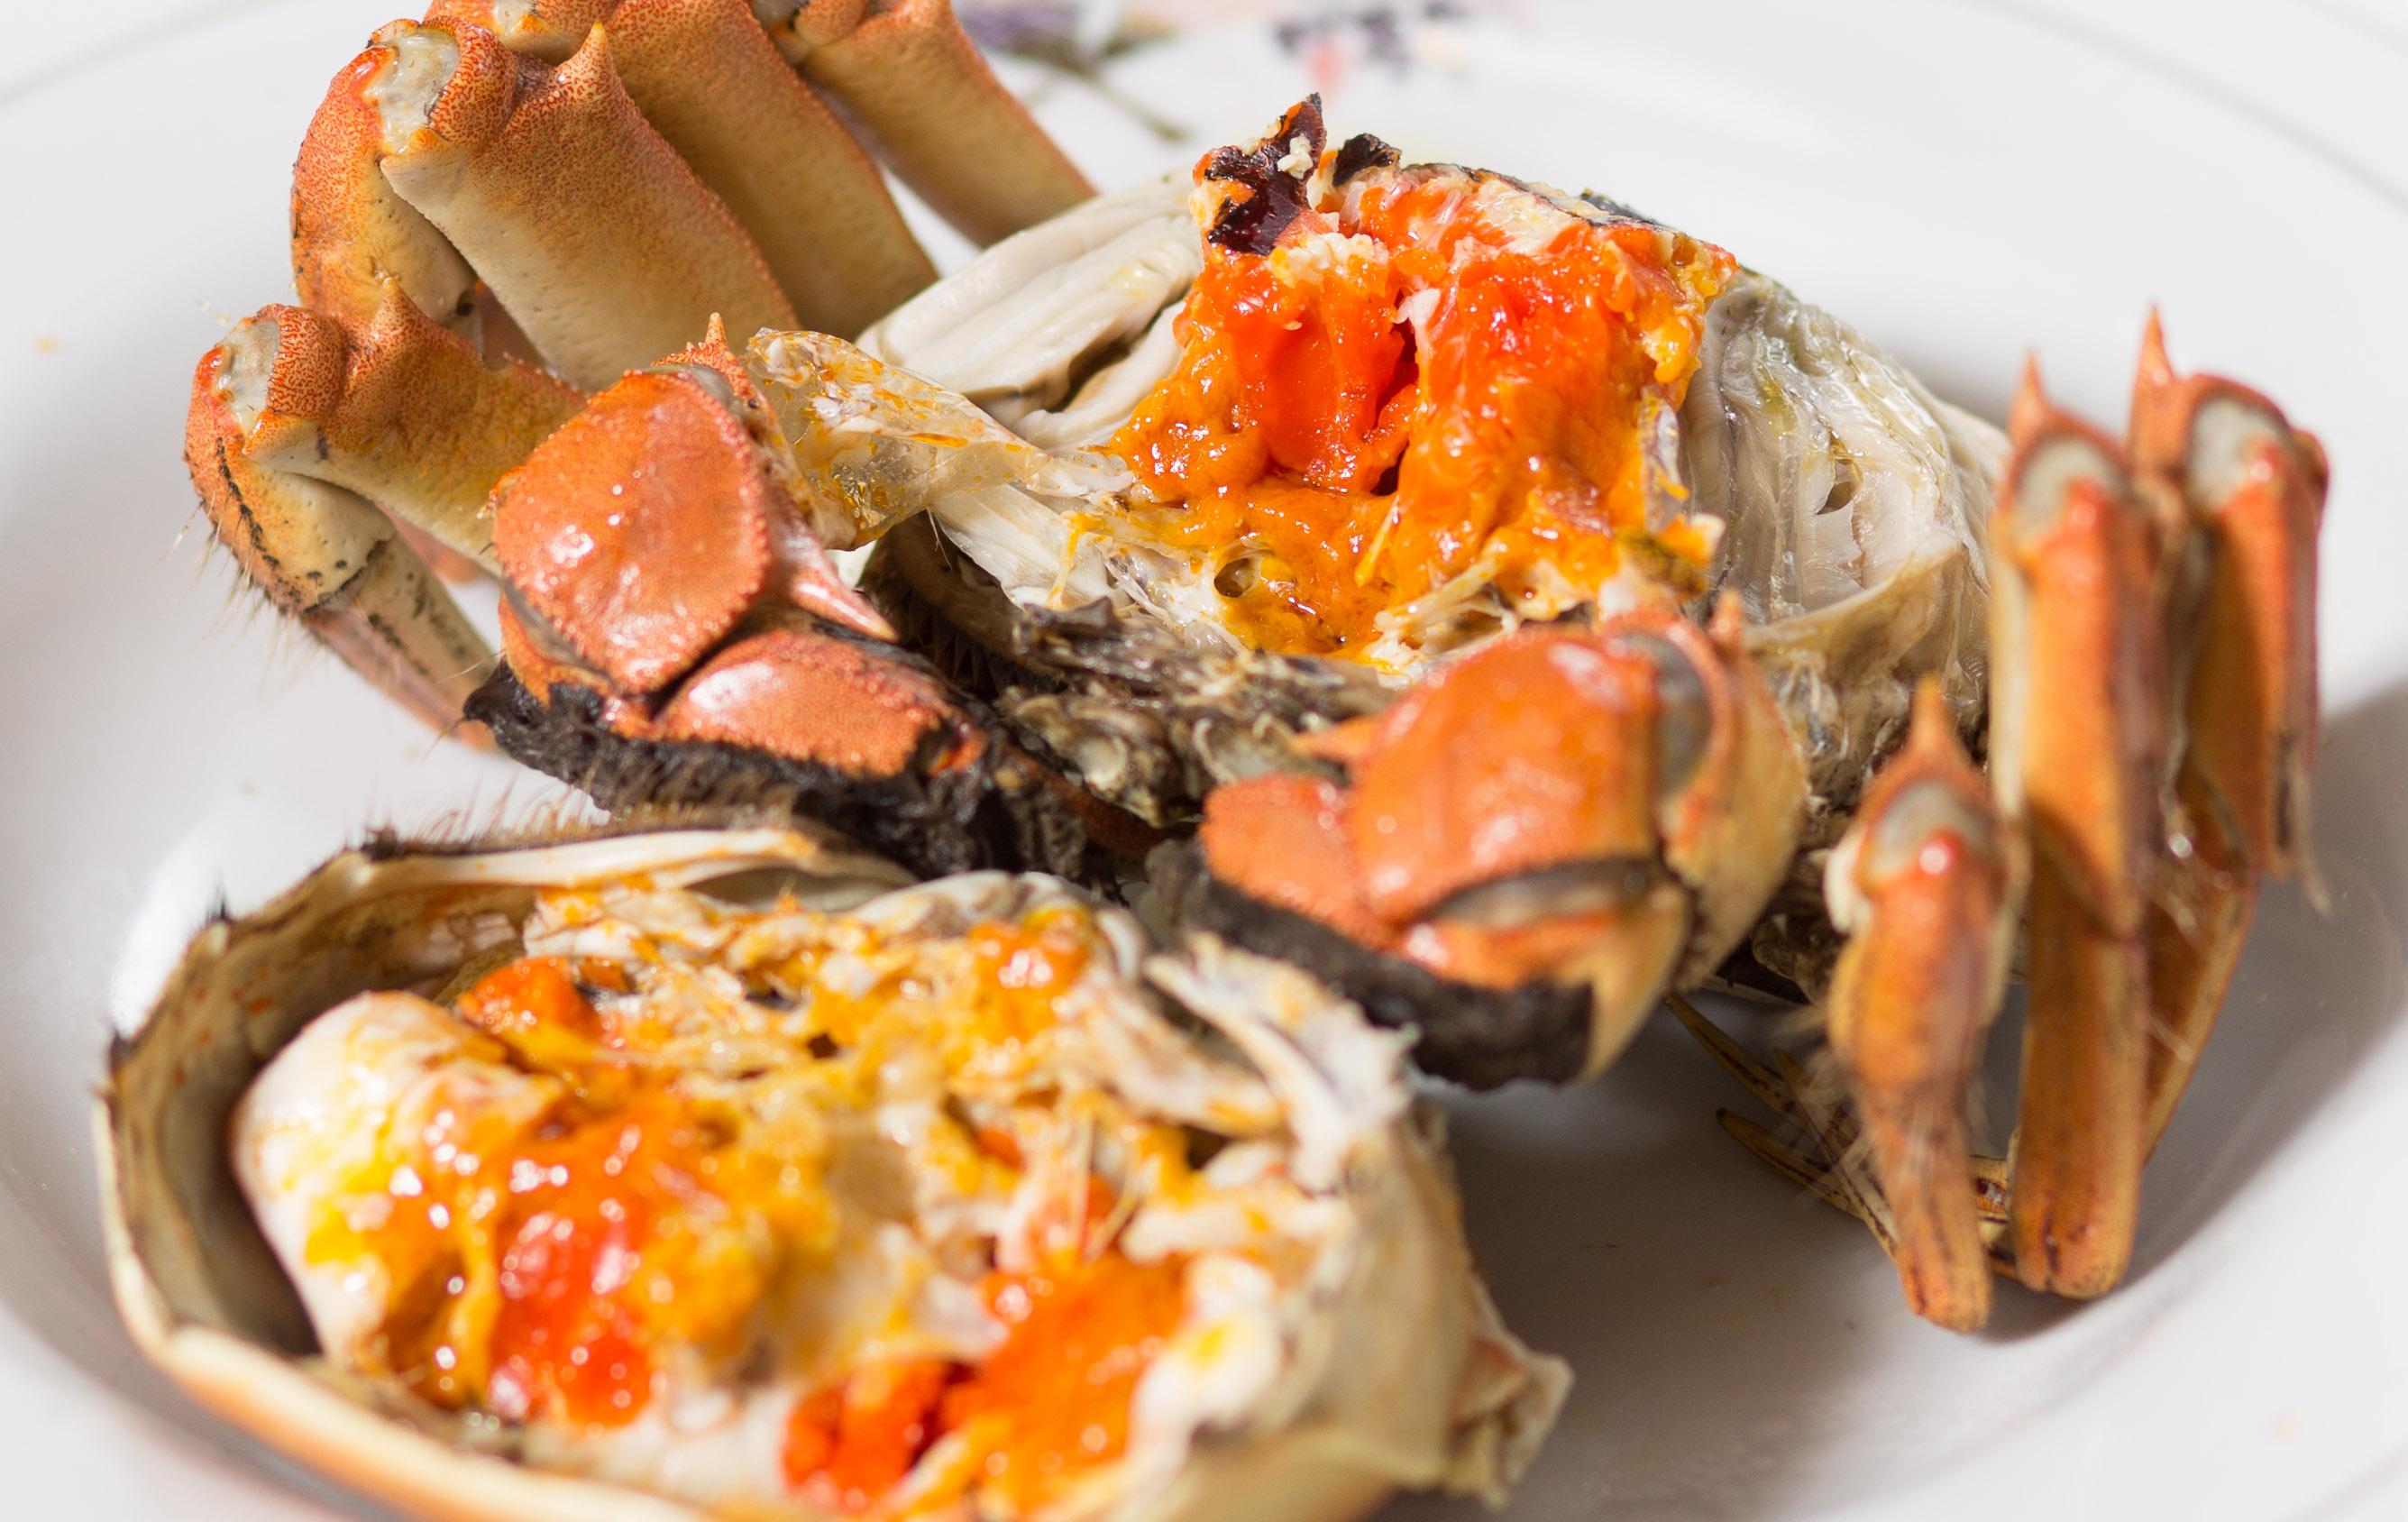 Nghệ thuật ăn cua tỉ mẩn: ăn xong xếp lại y như ban đầu của quý tộc Thượng Hải - Ảnh 2.